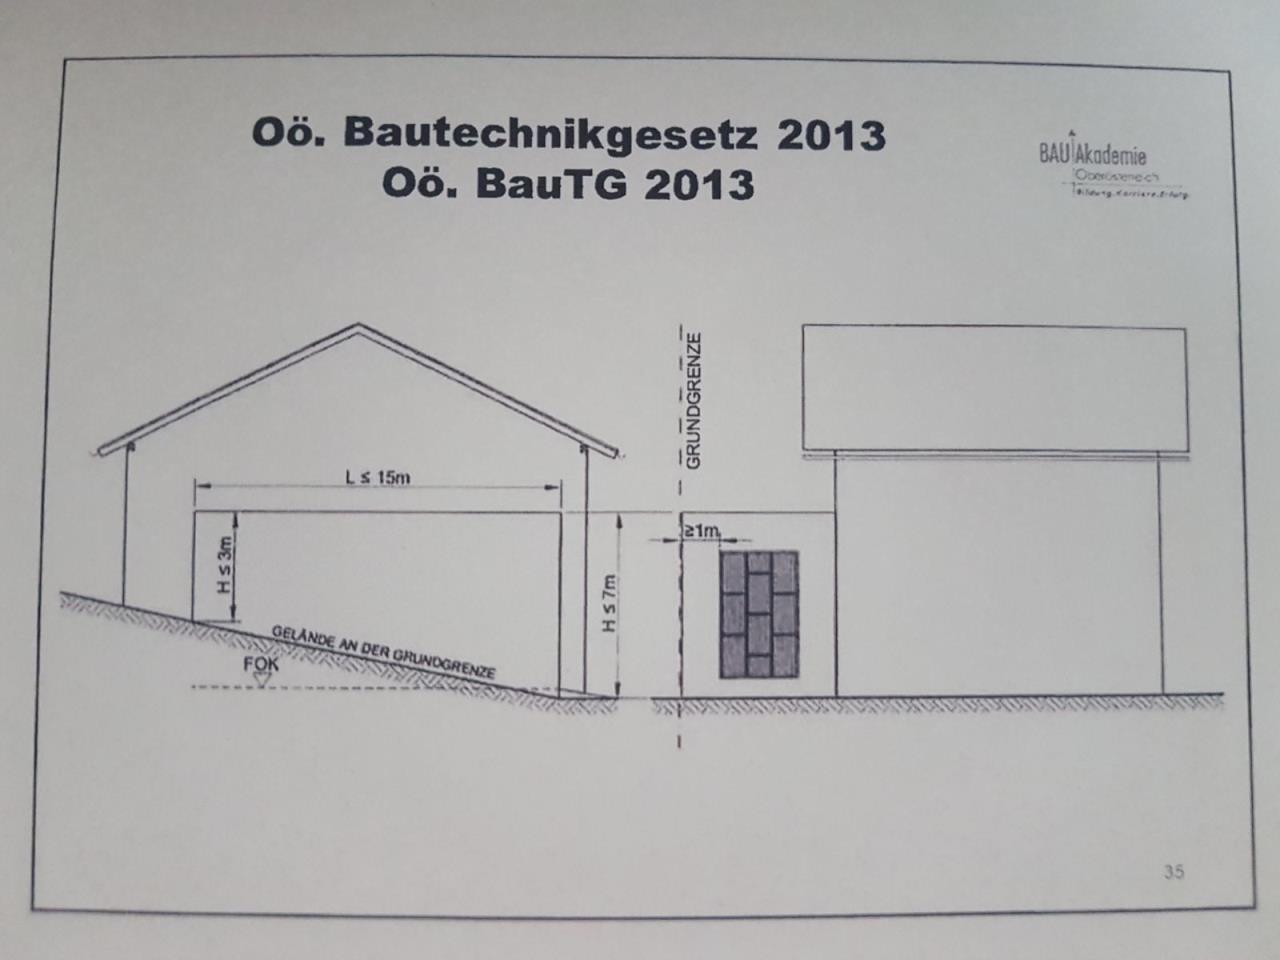 Oo Garage An Grundgrenze Hohe Baurechtforum Auf Energiesparhaus At